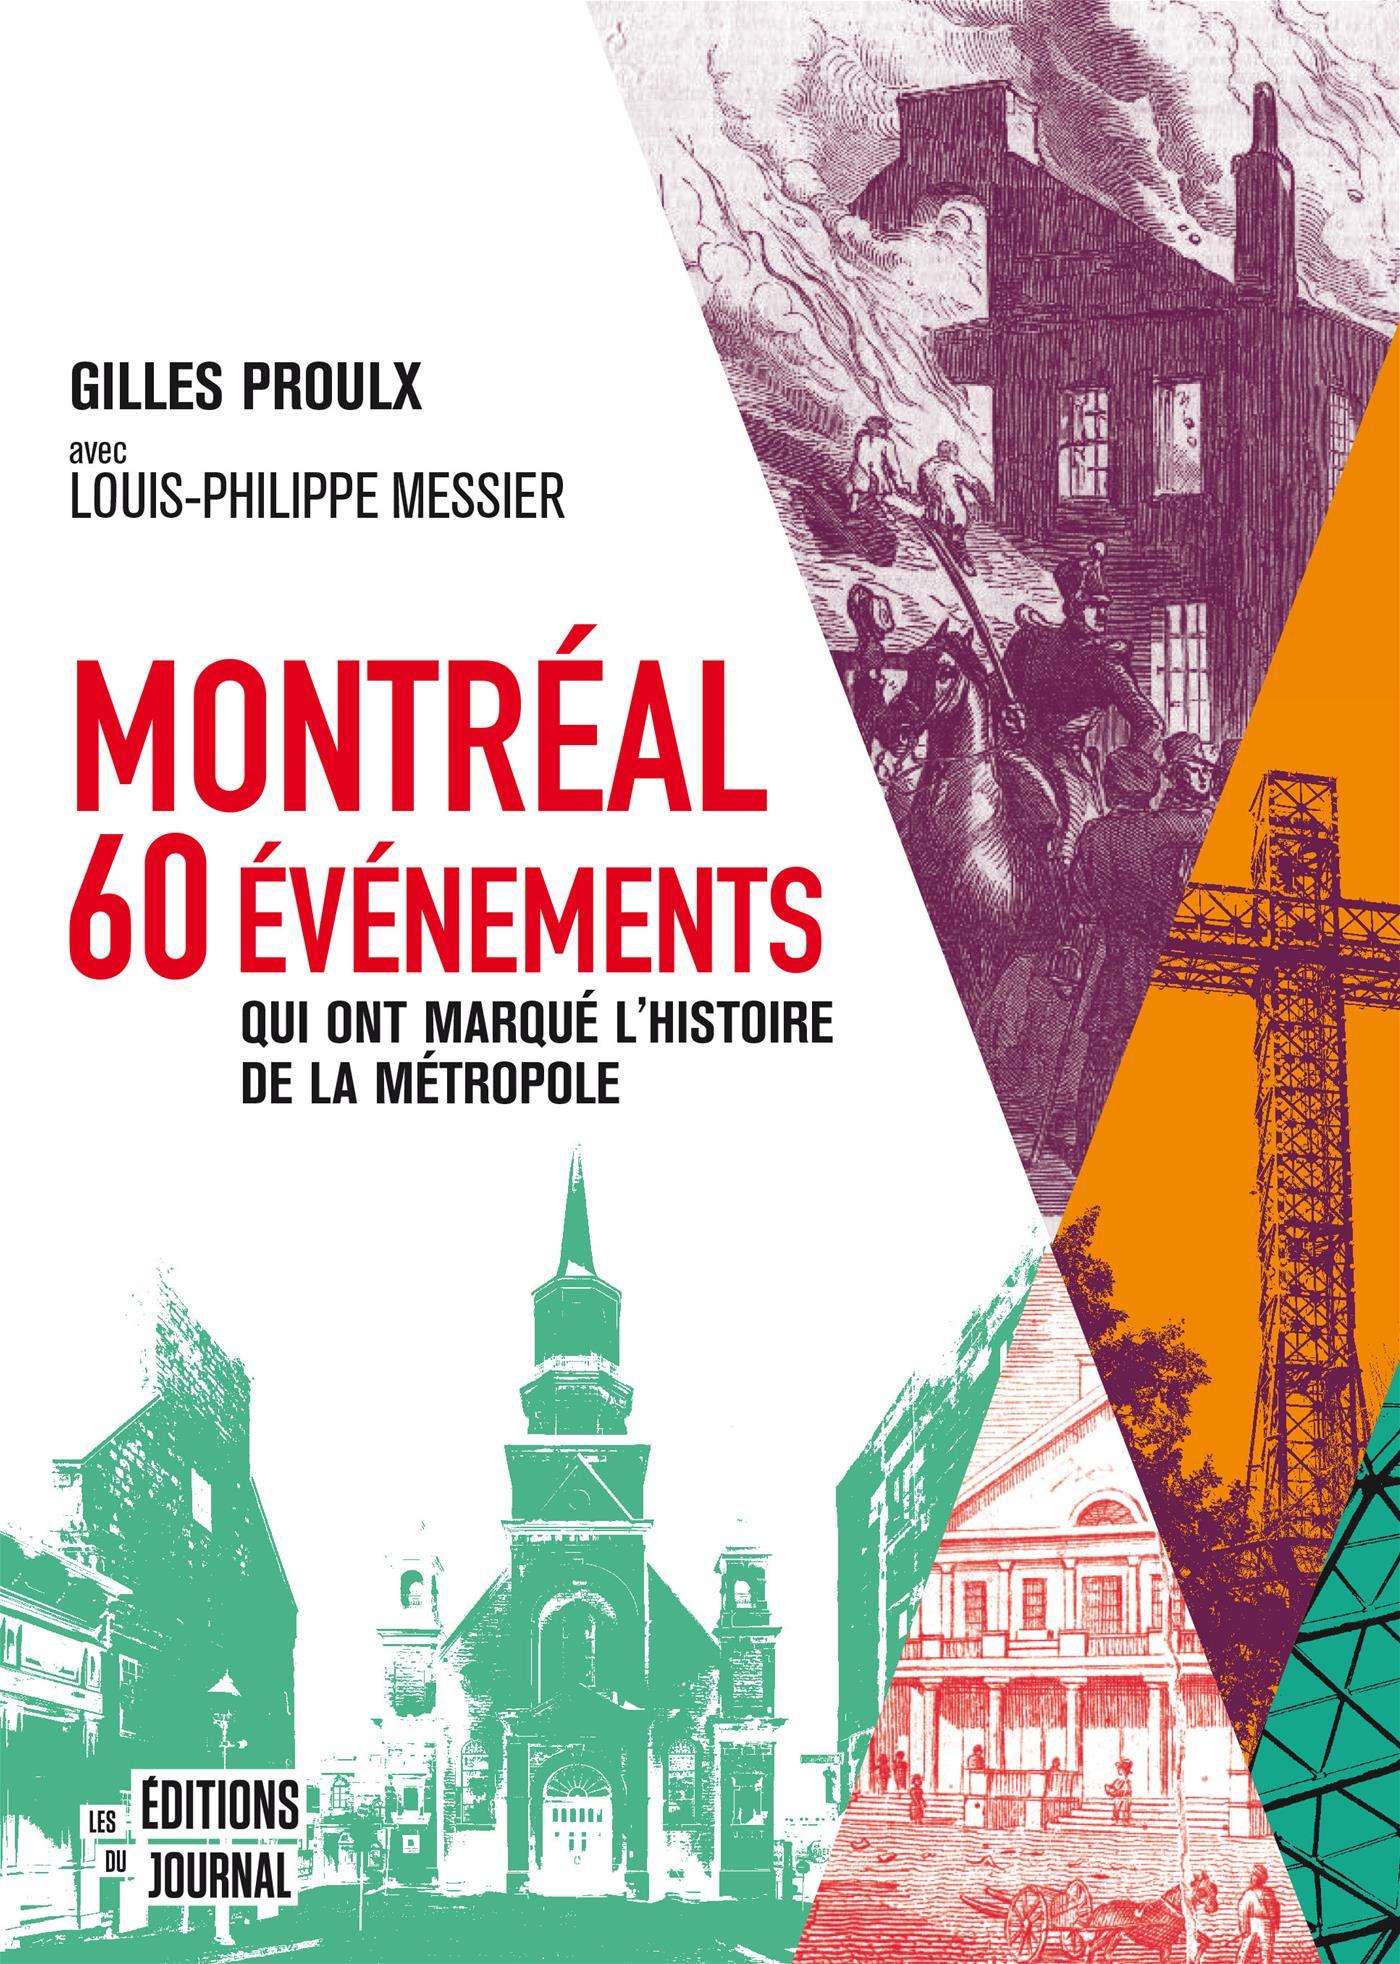 Montréal : 60 événements qui ont marqué l'histoire de la métropole